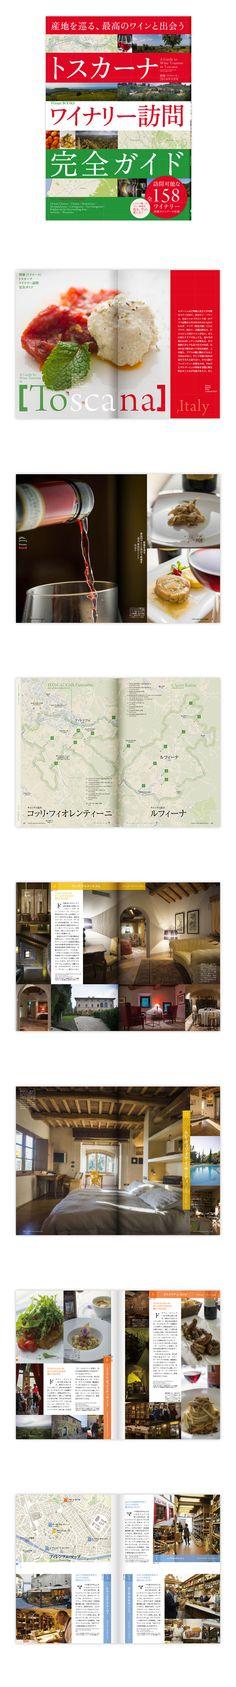 「トスカーナワイナリー訪問完全ガイド」Book Design / ブックデザイン   / Editorial Design